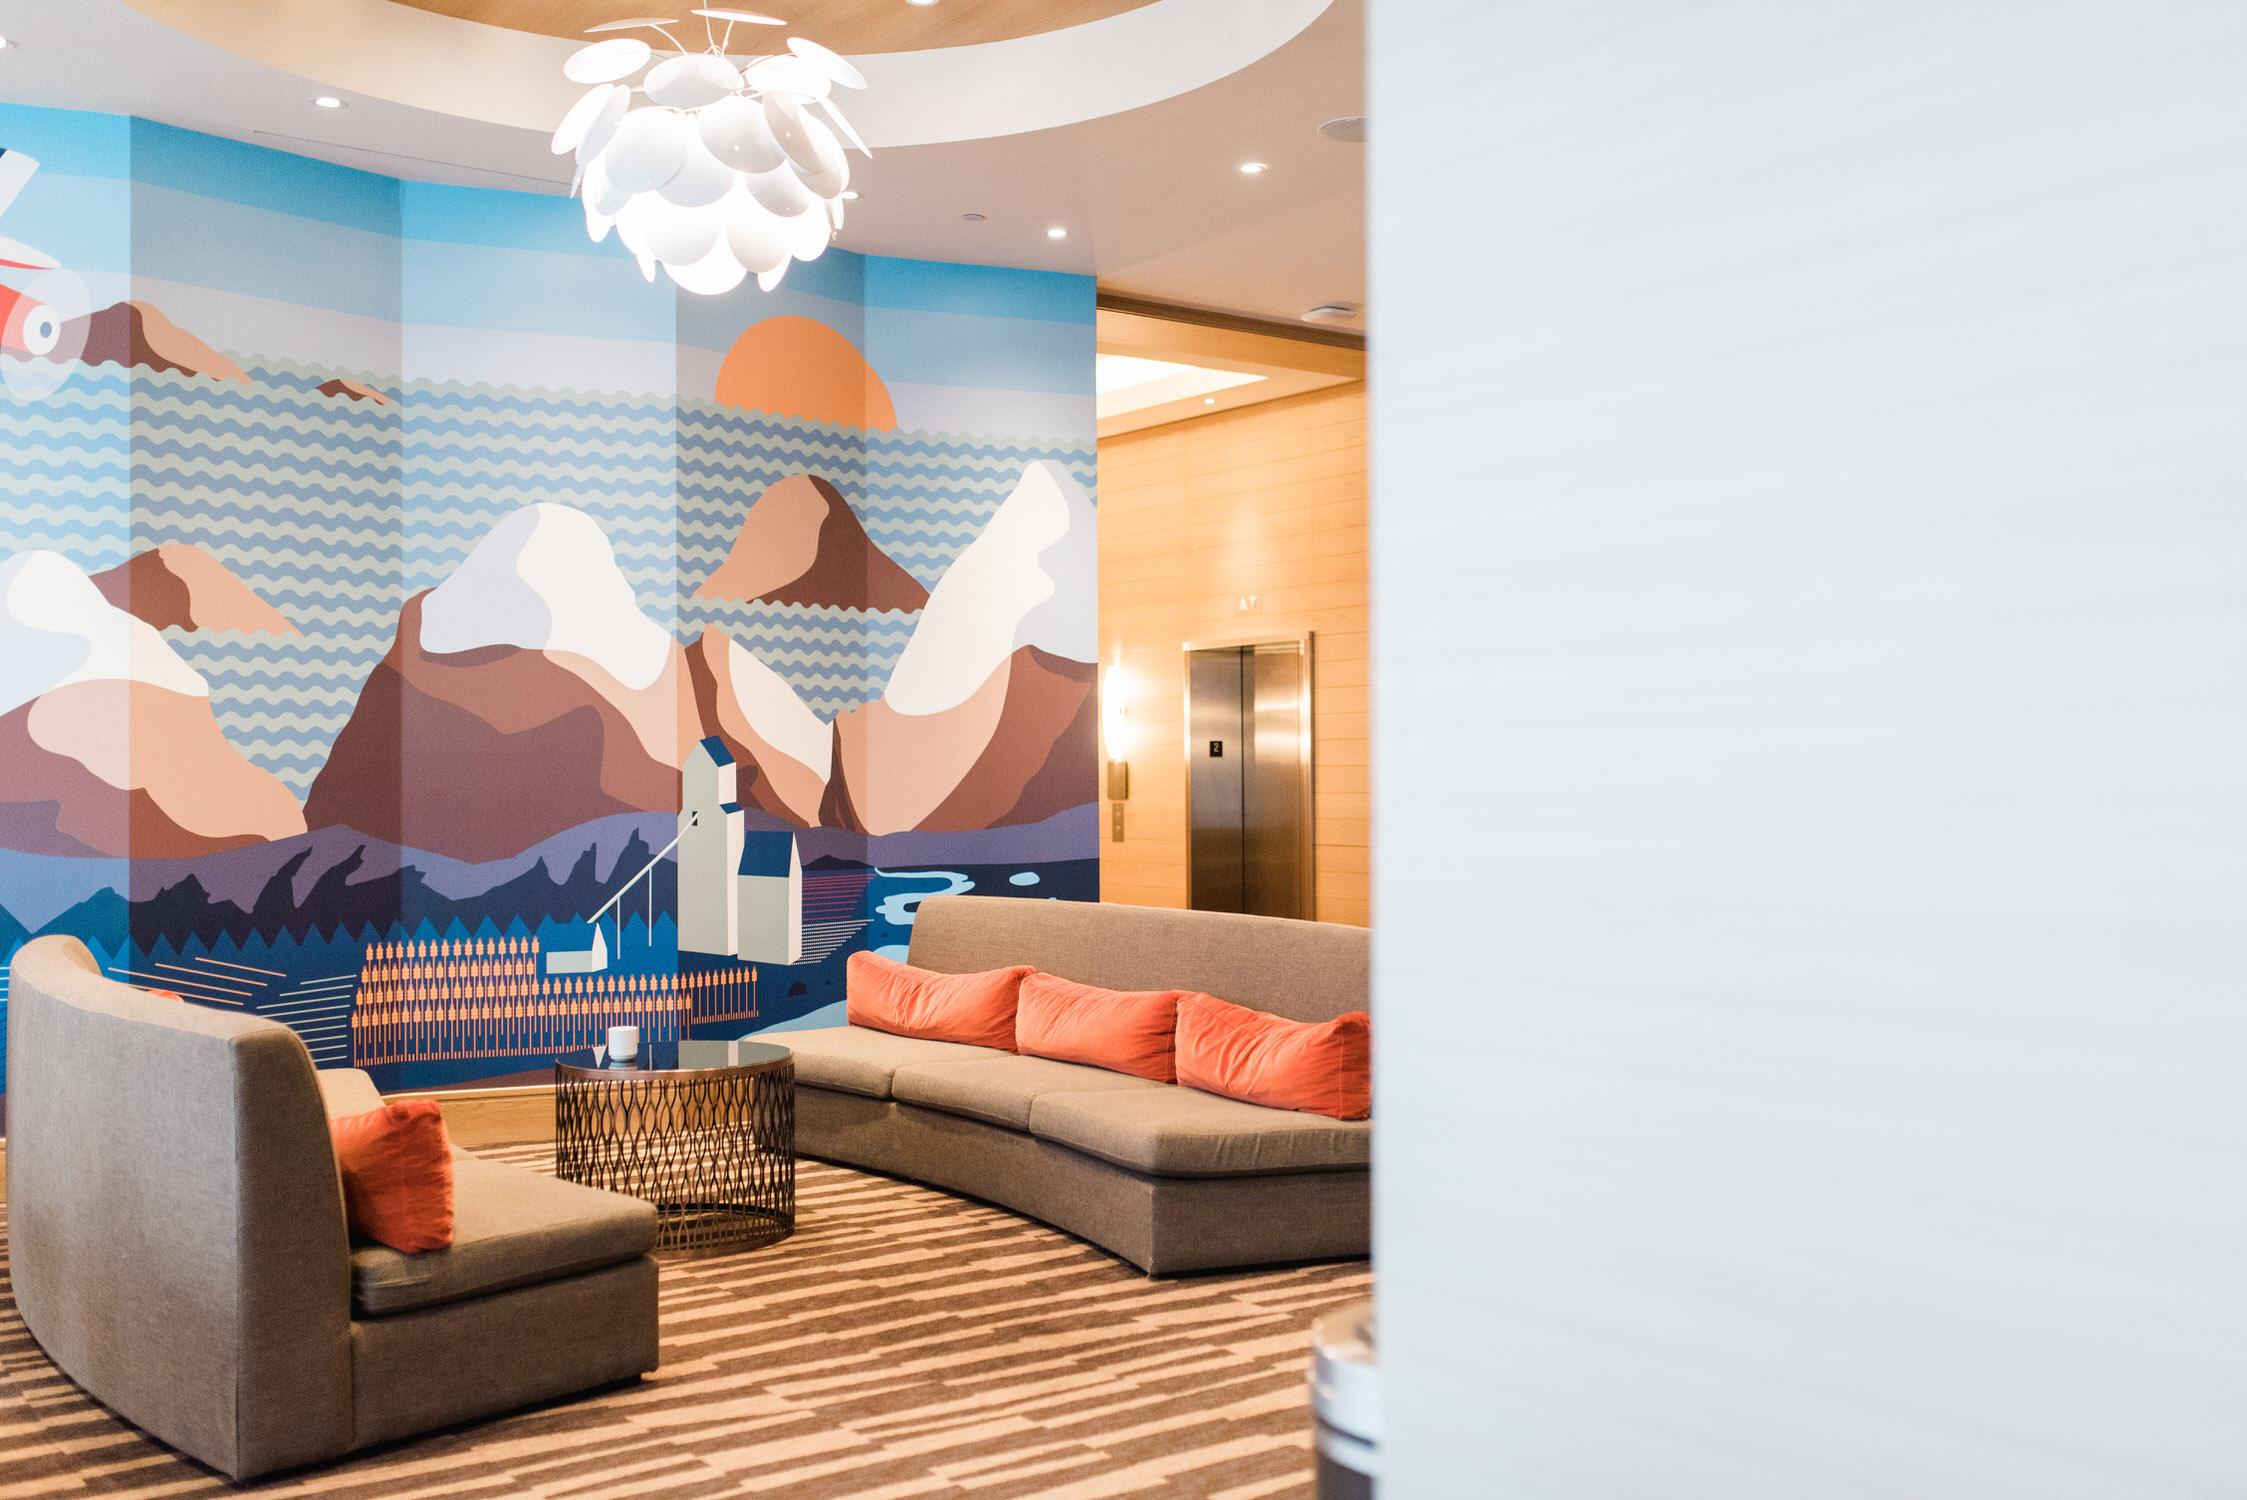 Delta Hotel's lobby in Toronto